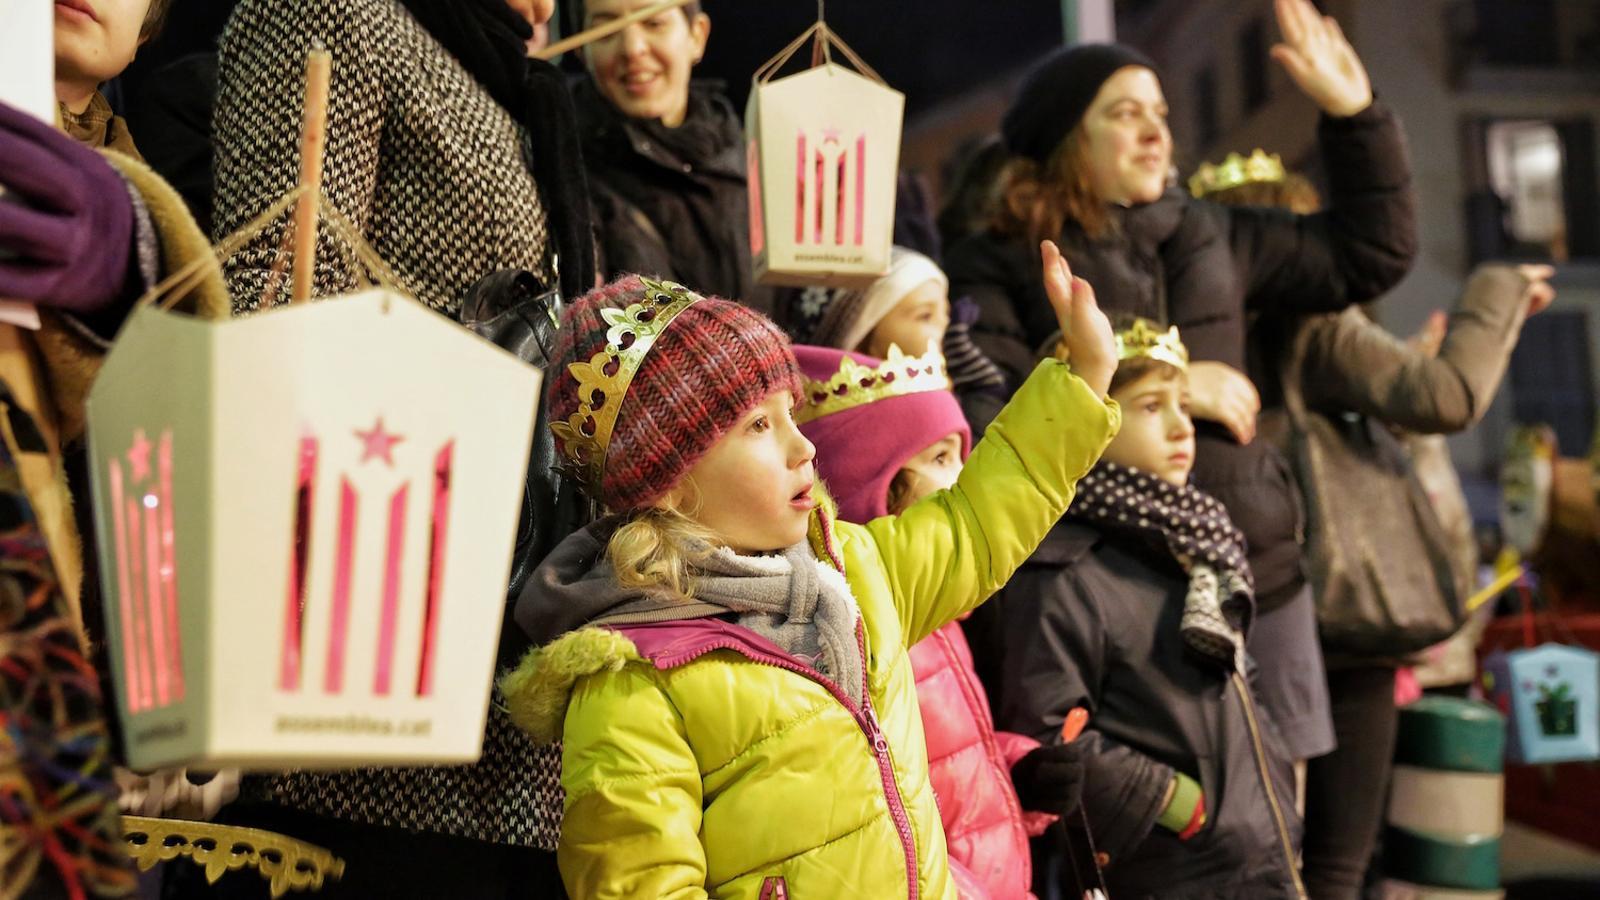 La llum dels fanalets independentistes guia els Reis d'Orient a Vic